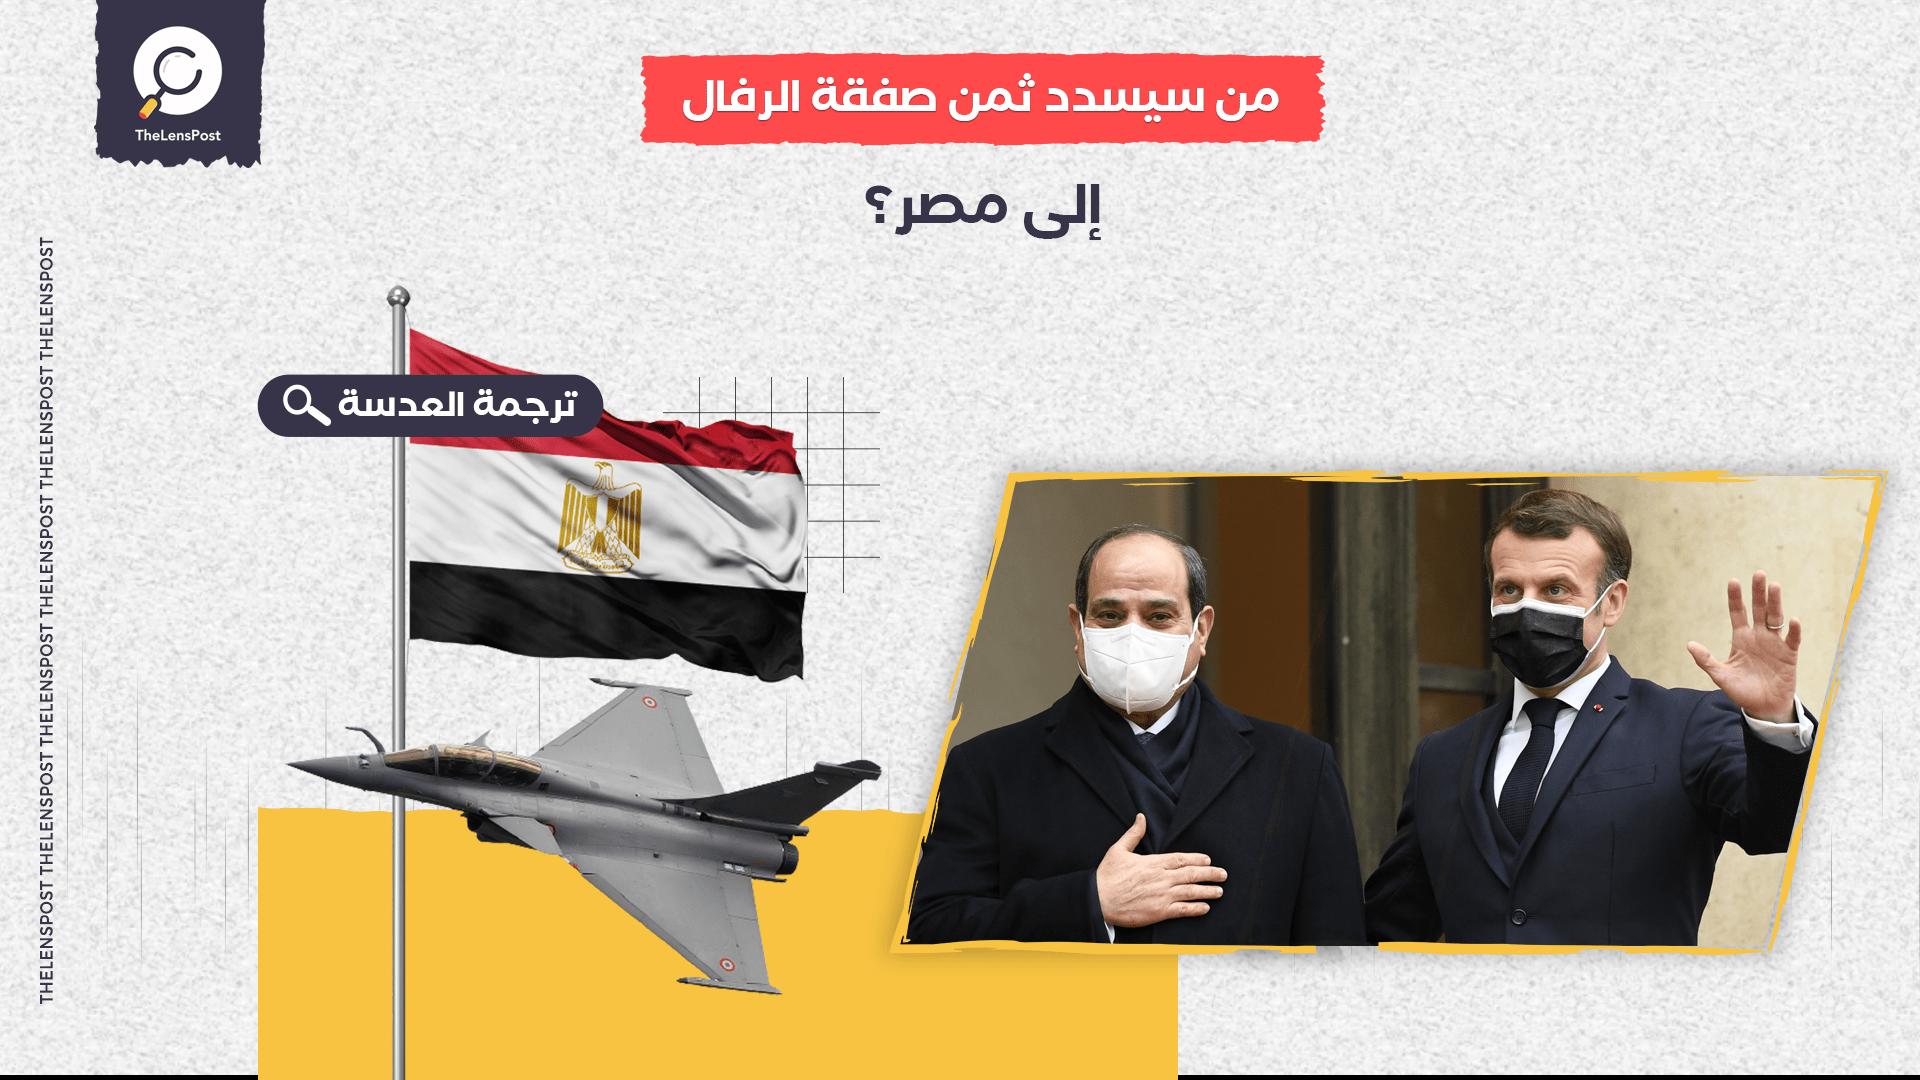 أوريان 21: من سيسدد ثمن صفقة الرفال إلى مصر؟